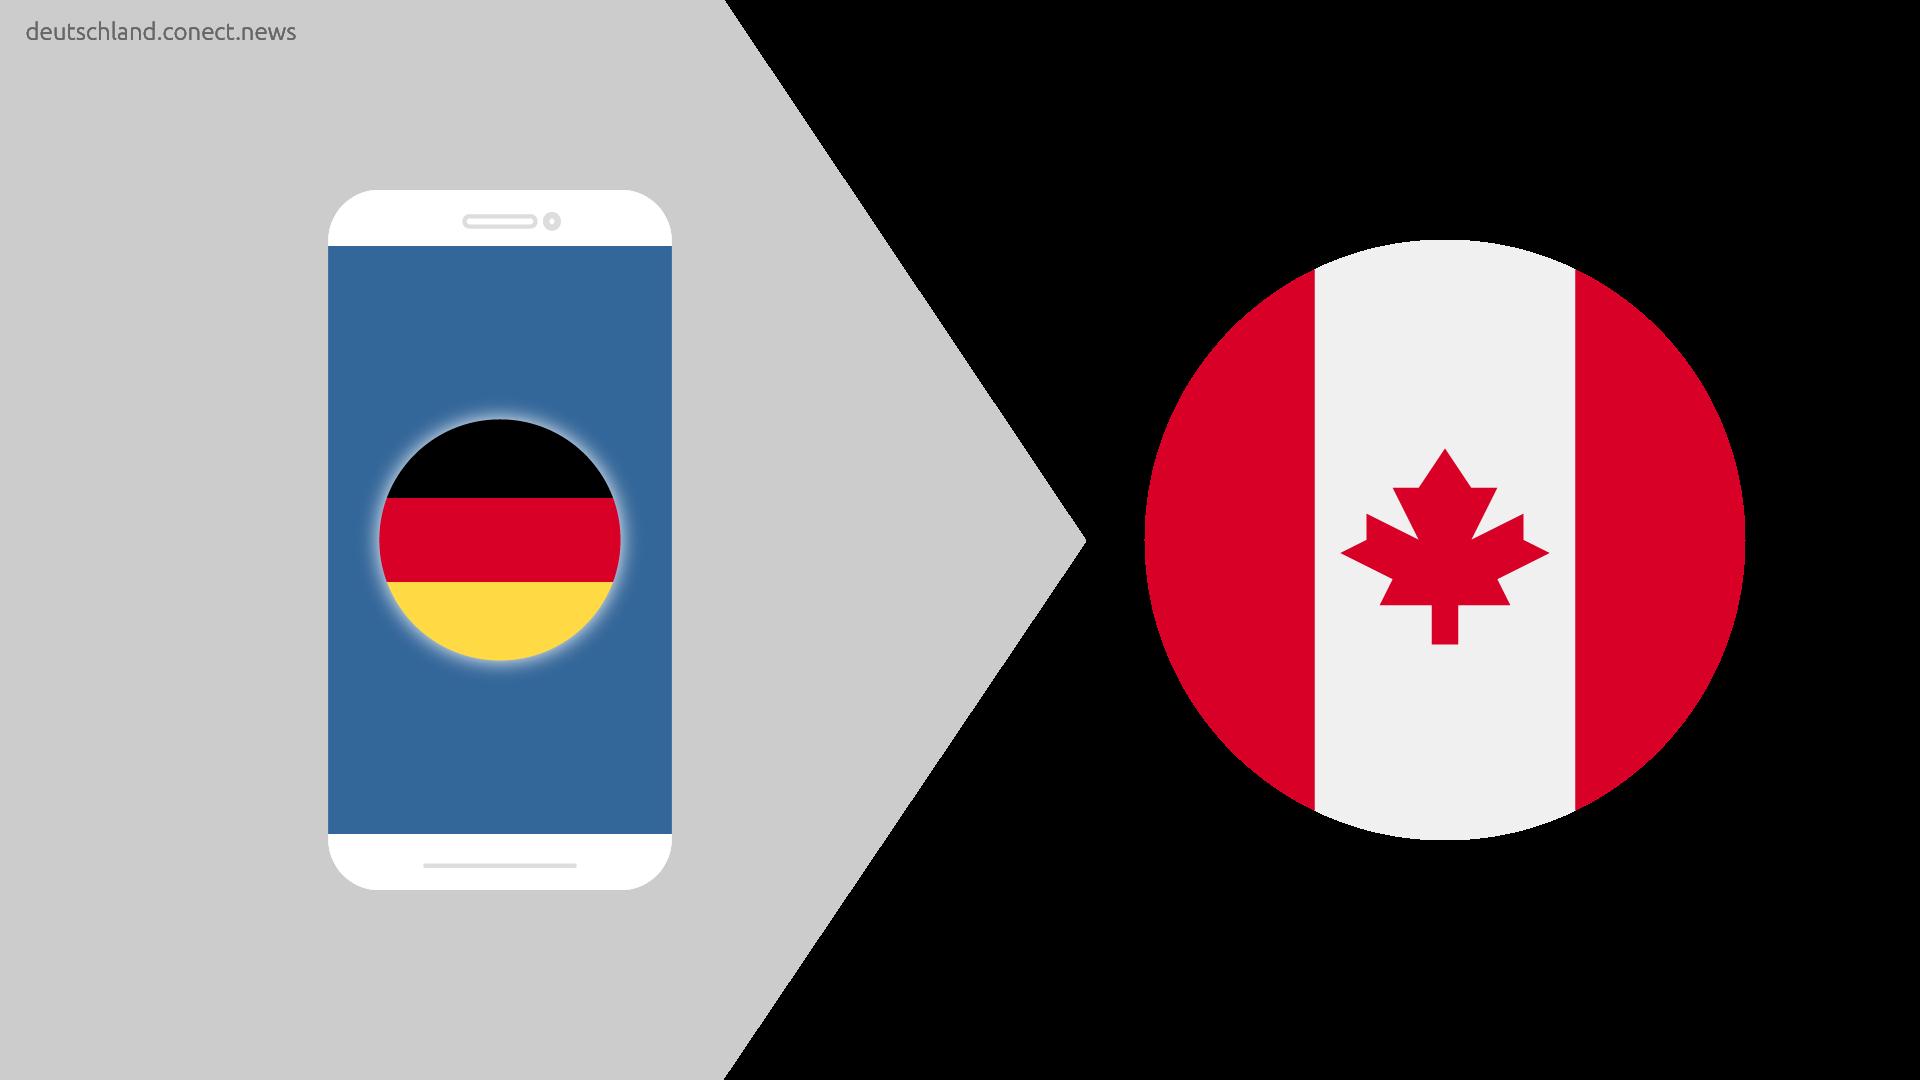 Günstiger von Deutschland nach Kanada @conetc_news